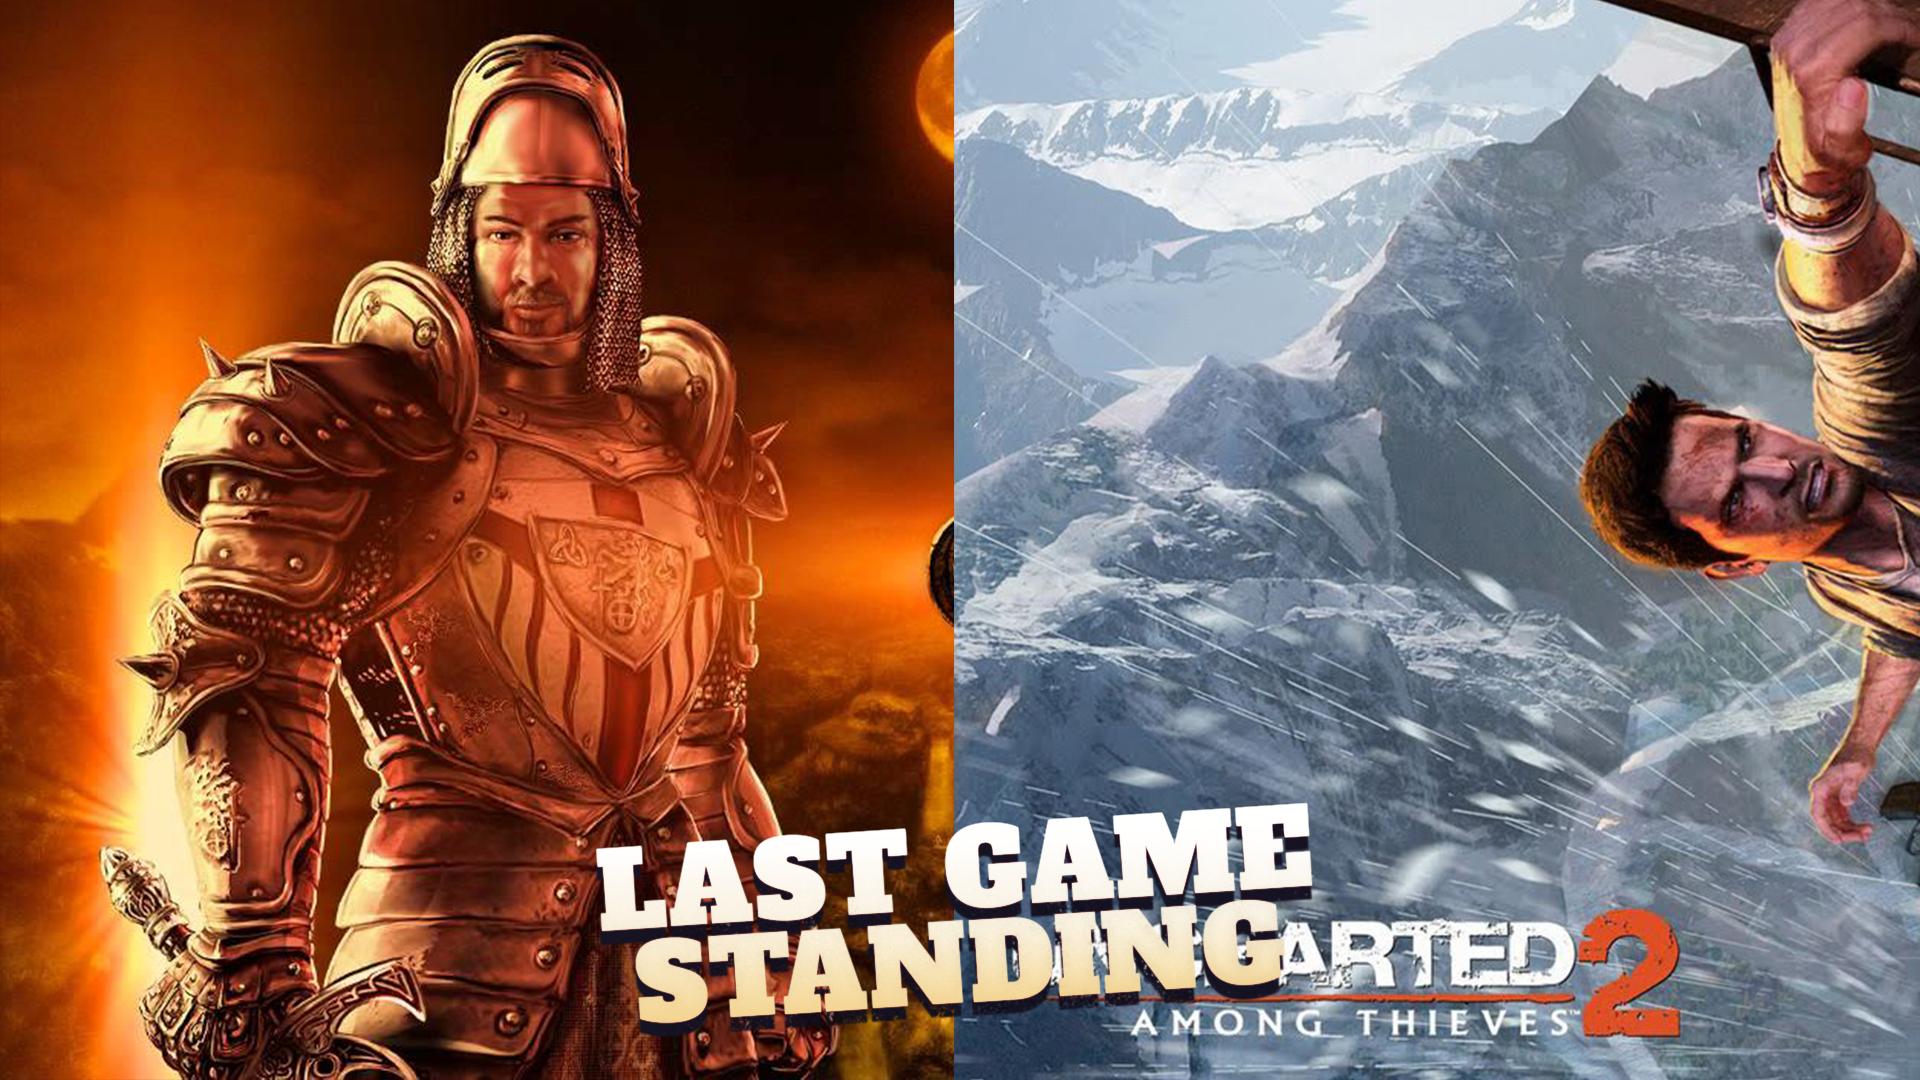 """Viertelfinale """"Bester zweiter Teil"""": Uncharted 2 vs. Gothic 2"""